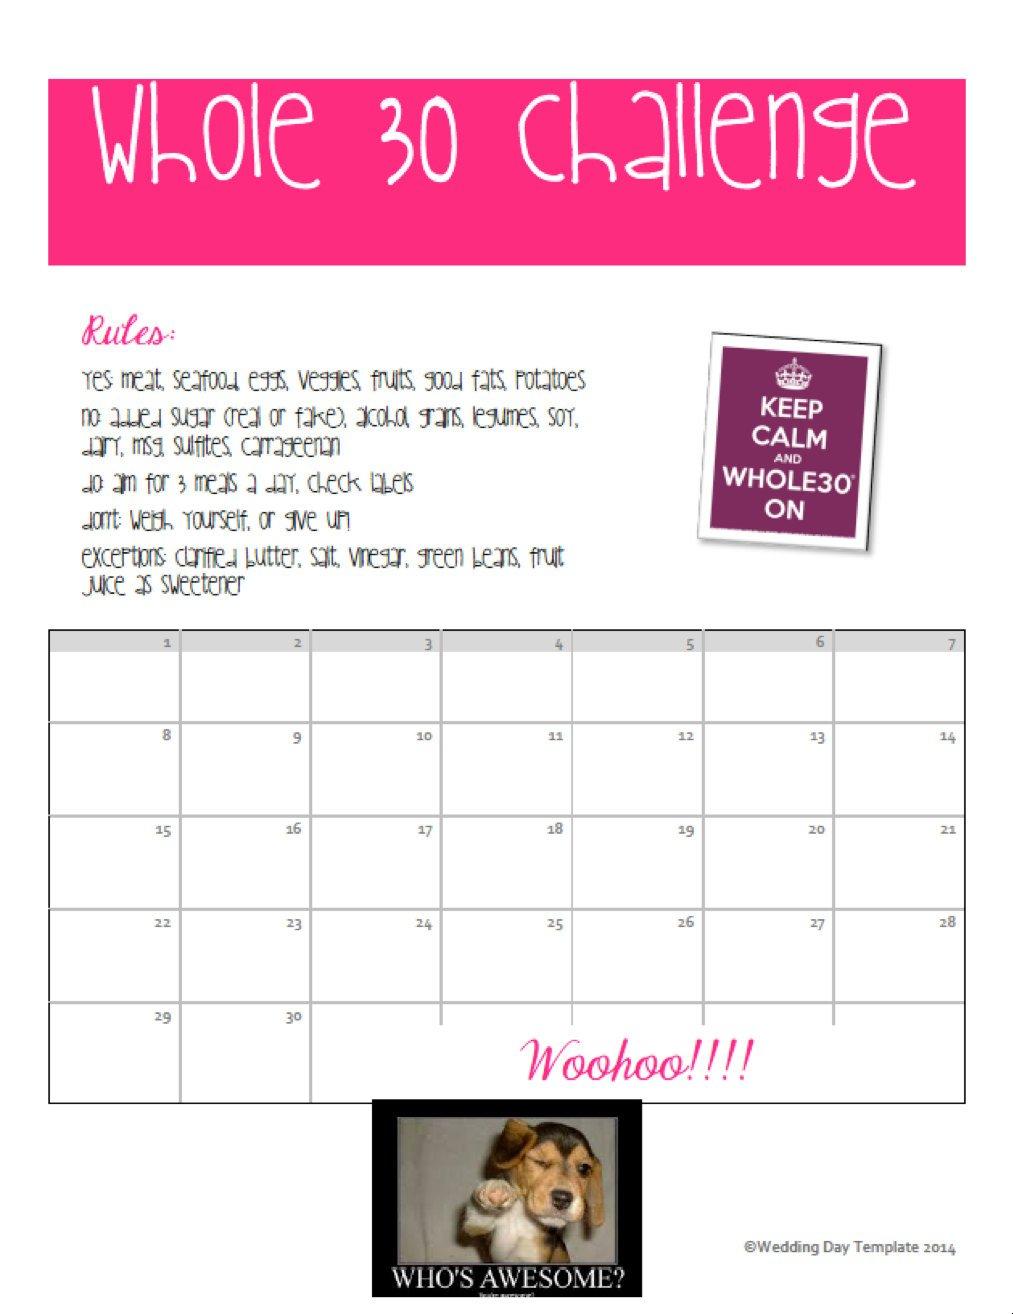 Printable Whole 30 Challenge Calendarweddingdaytemplate 30 Day Challenge Printable Calendar